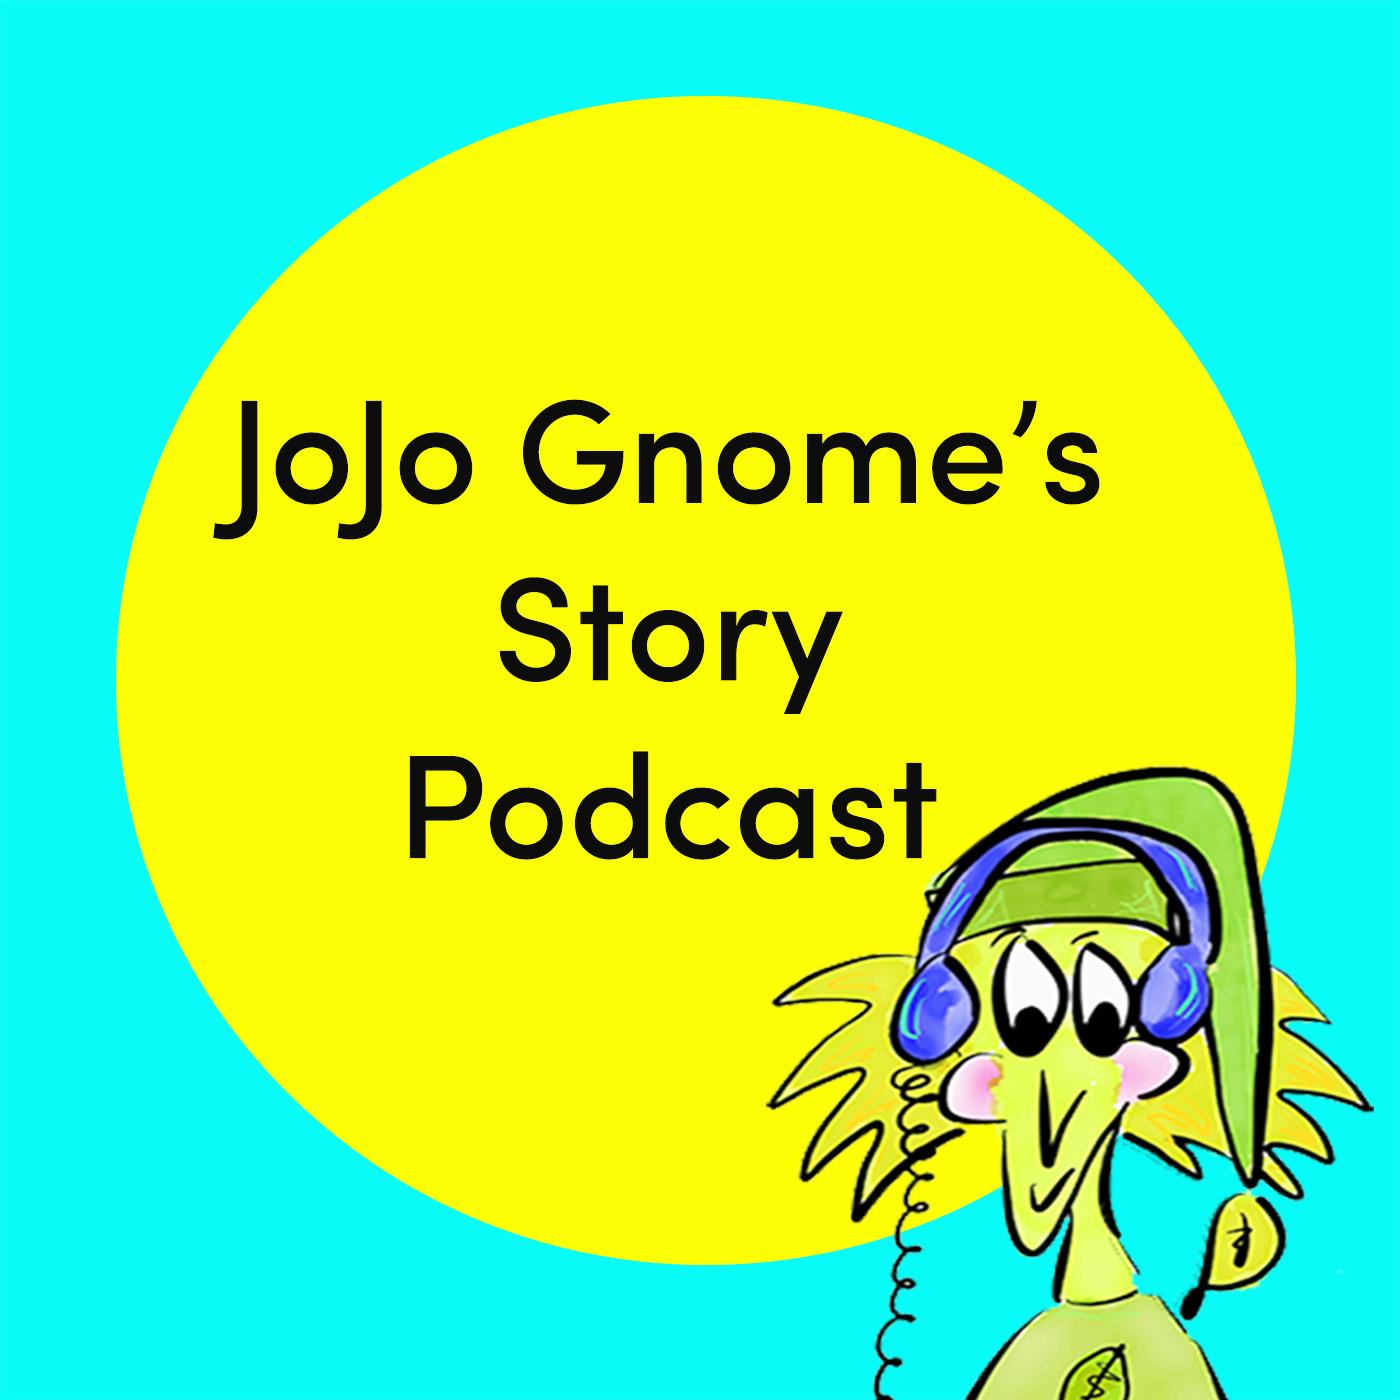 JoJo Gnome's Story Podcast show art